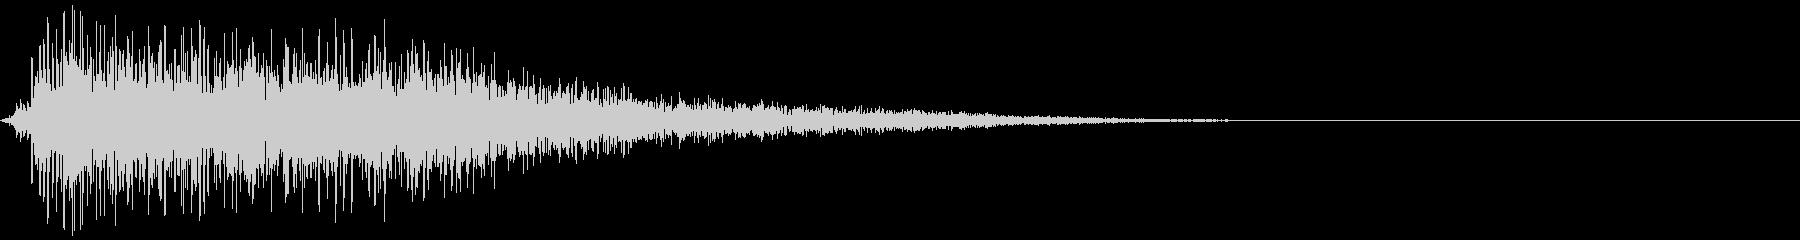 チープなオーケストラヒット、ヒット音の未再生の波形